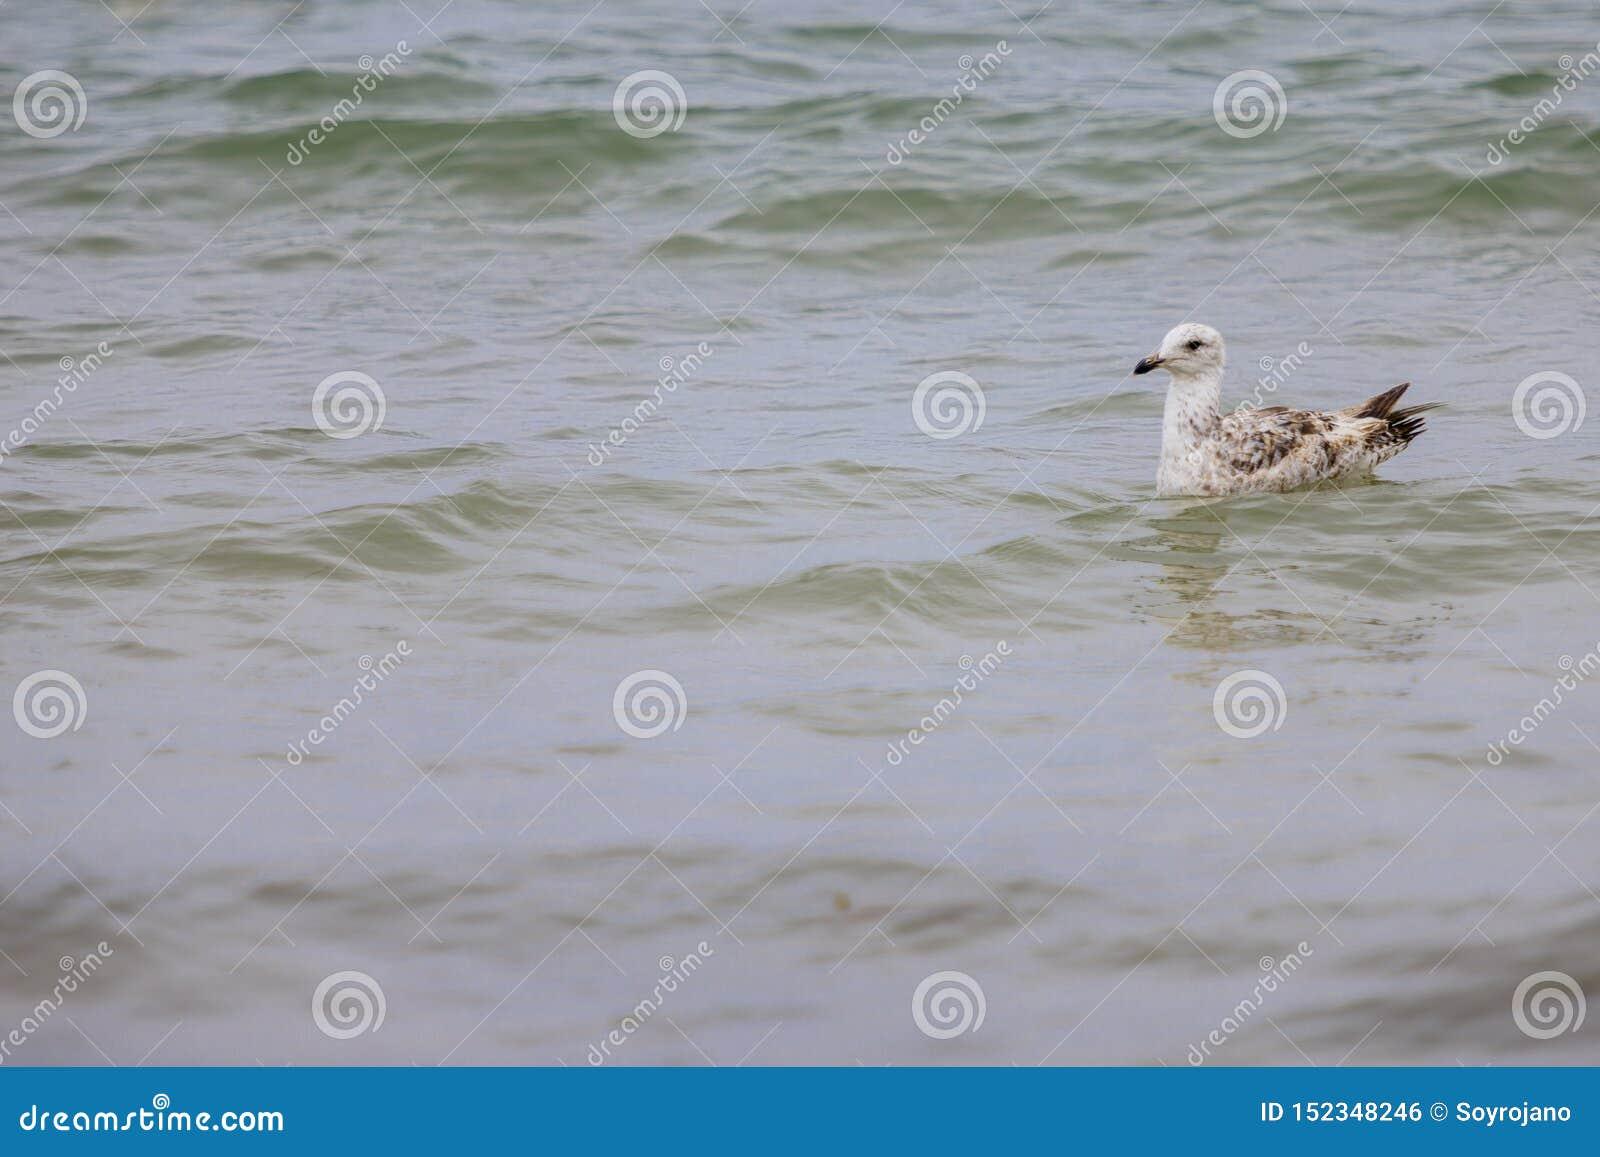 Плавание чайки в море